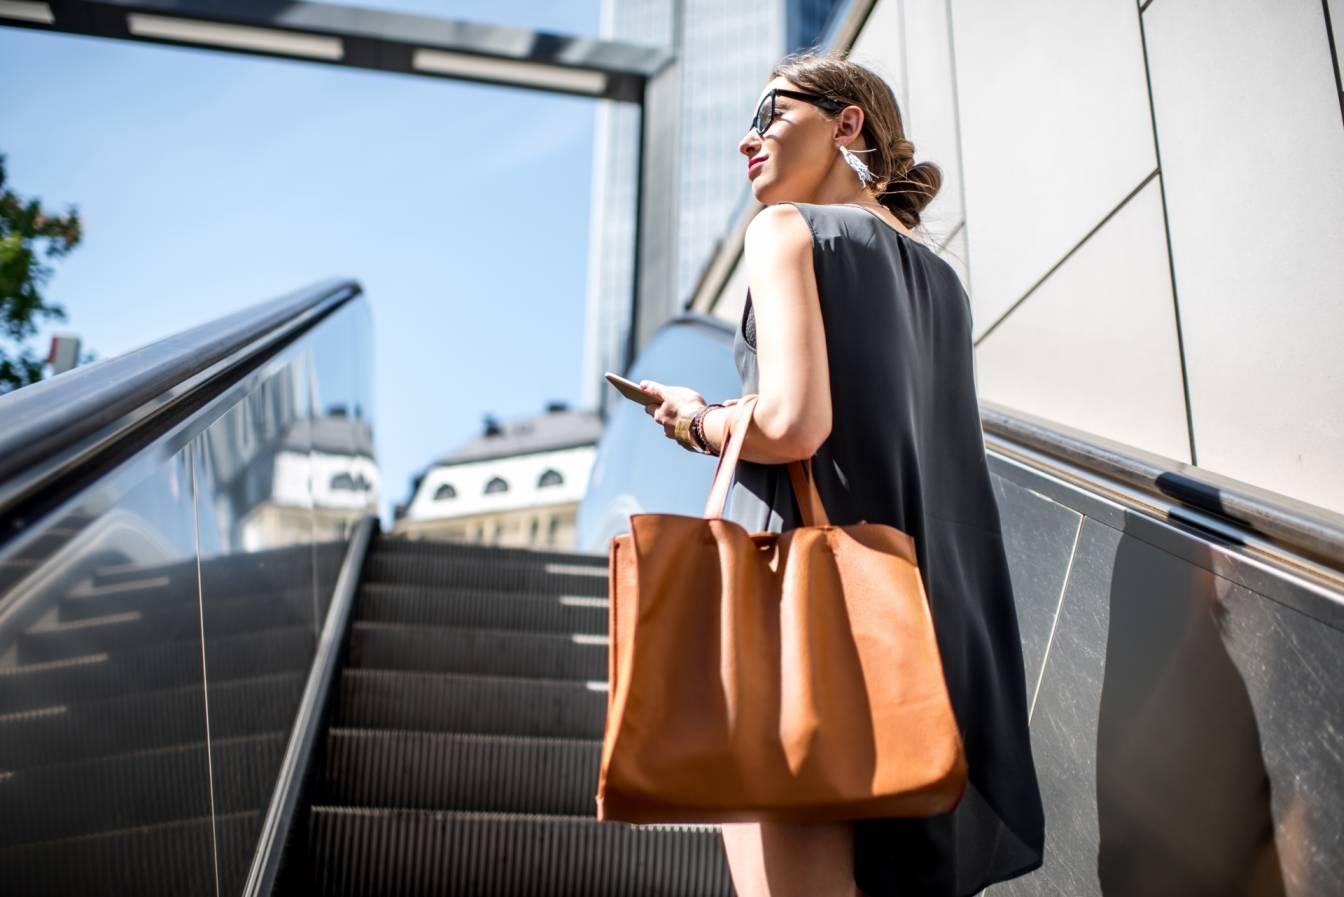 Zarządzanie sobą w czasie - jak zwiększyć efektywność? Młoda kobieta, busunesswoman w czarnej sukience, z brązową skórzaną torbą wjeżdża po schodach ruchomych z podziemi metra na ulicę.